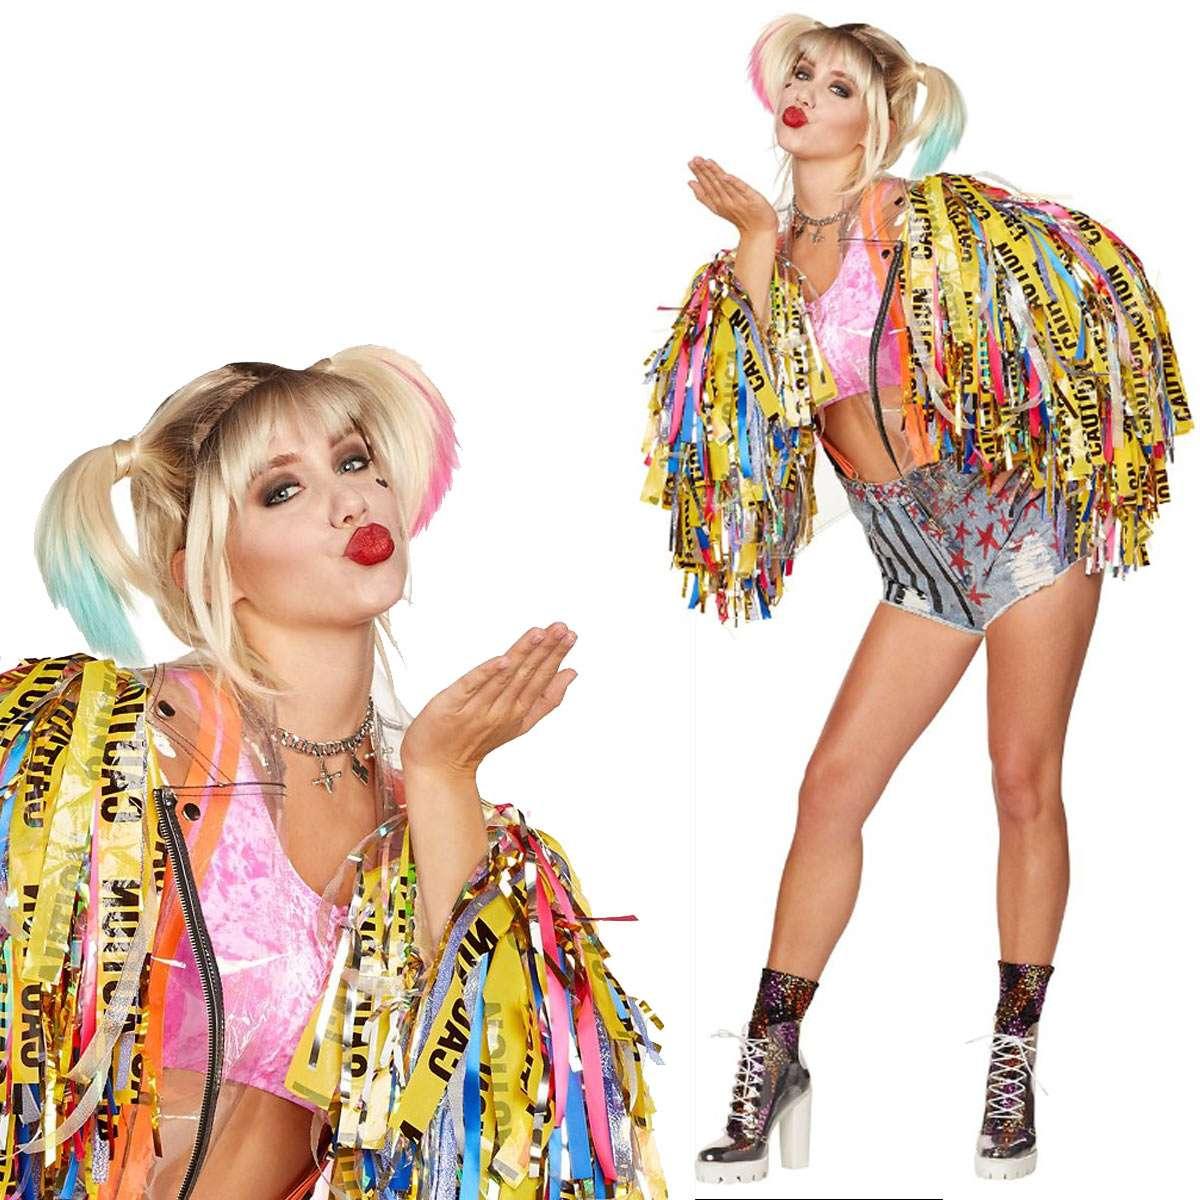 ハーレイクイン コスプレ 大人用 在庫あり コスチューム 仮装 覚醒 衣装 HarleyQuinn 女優 未使用品